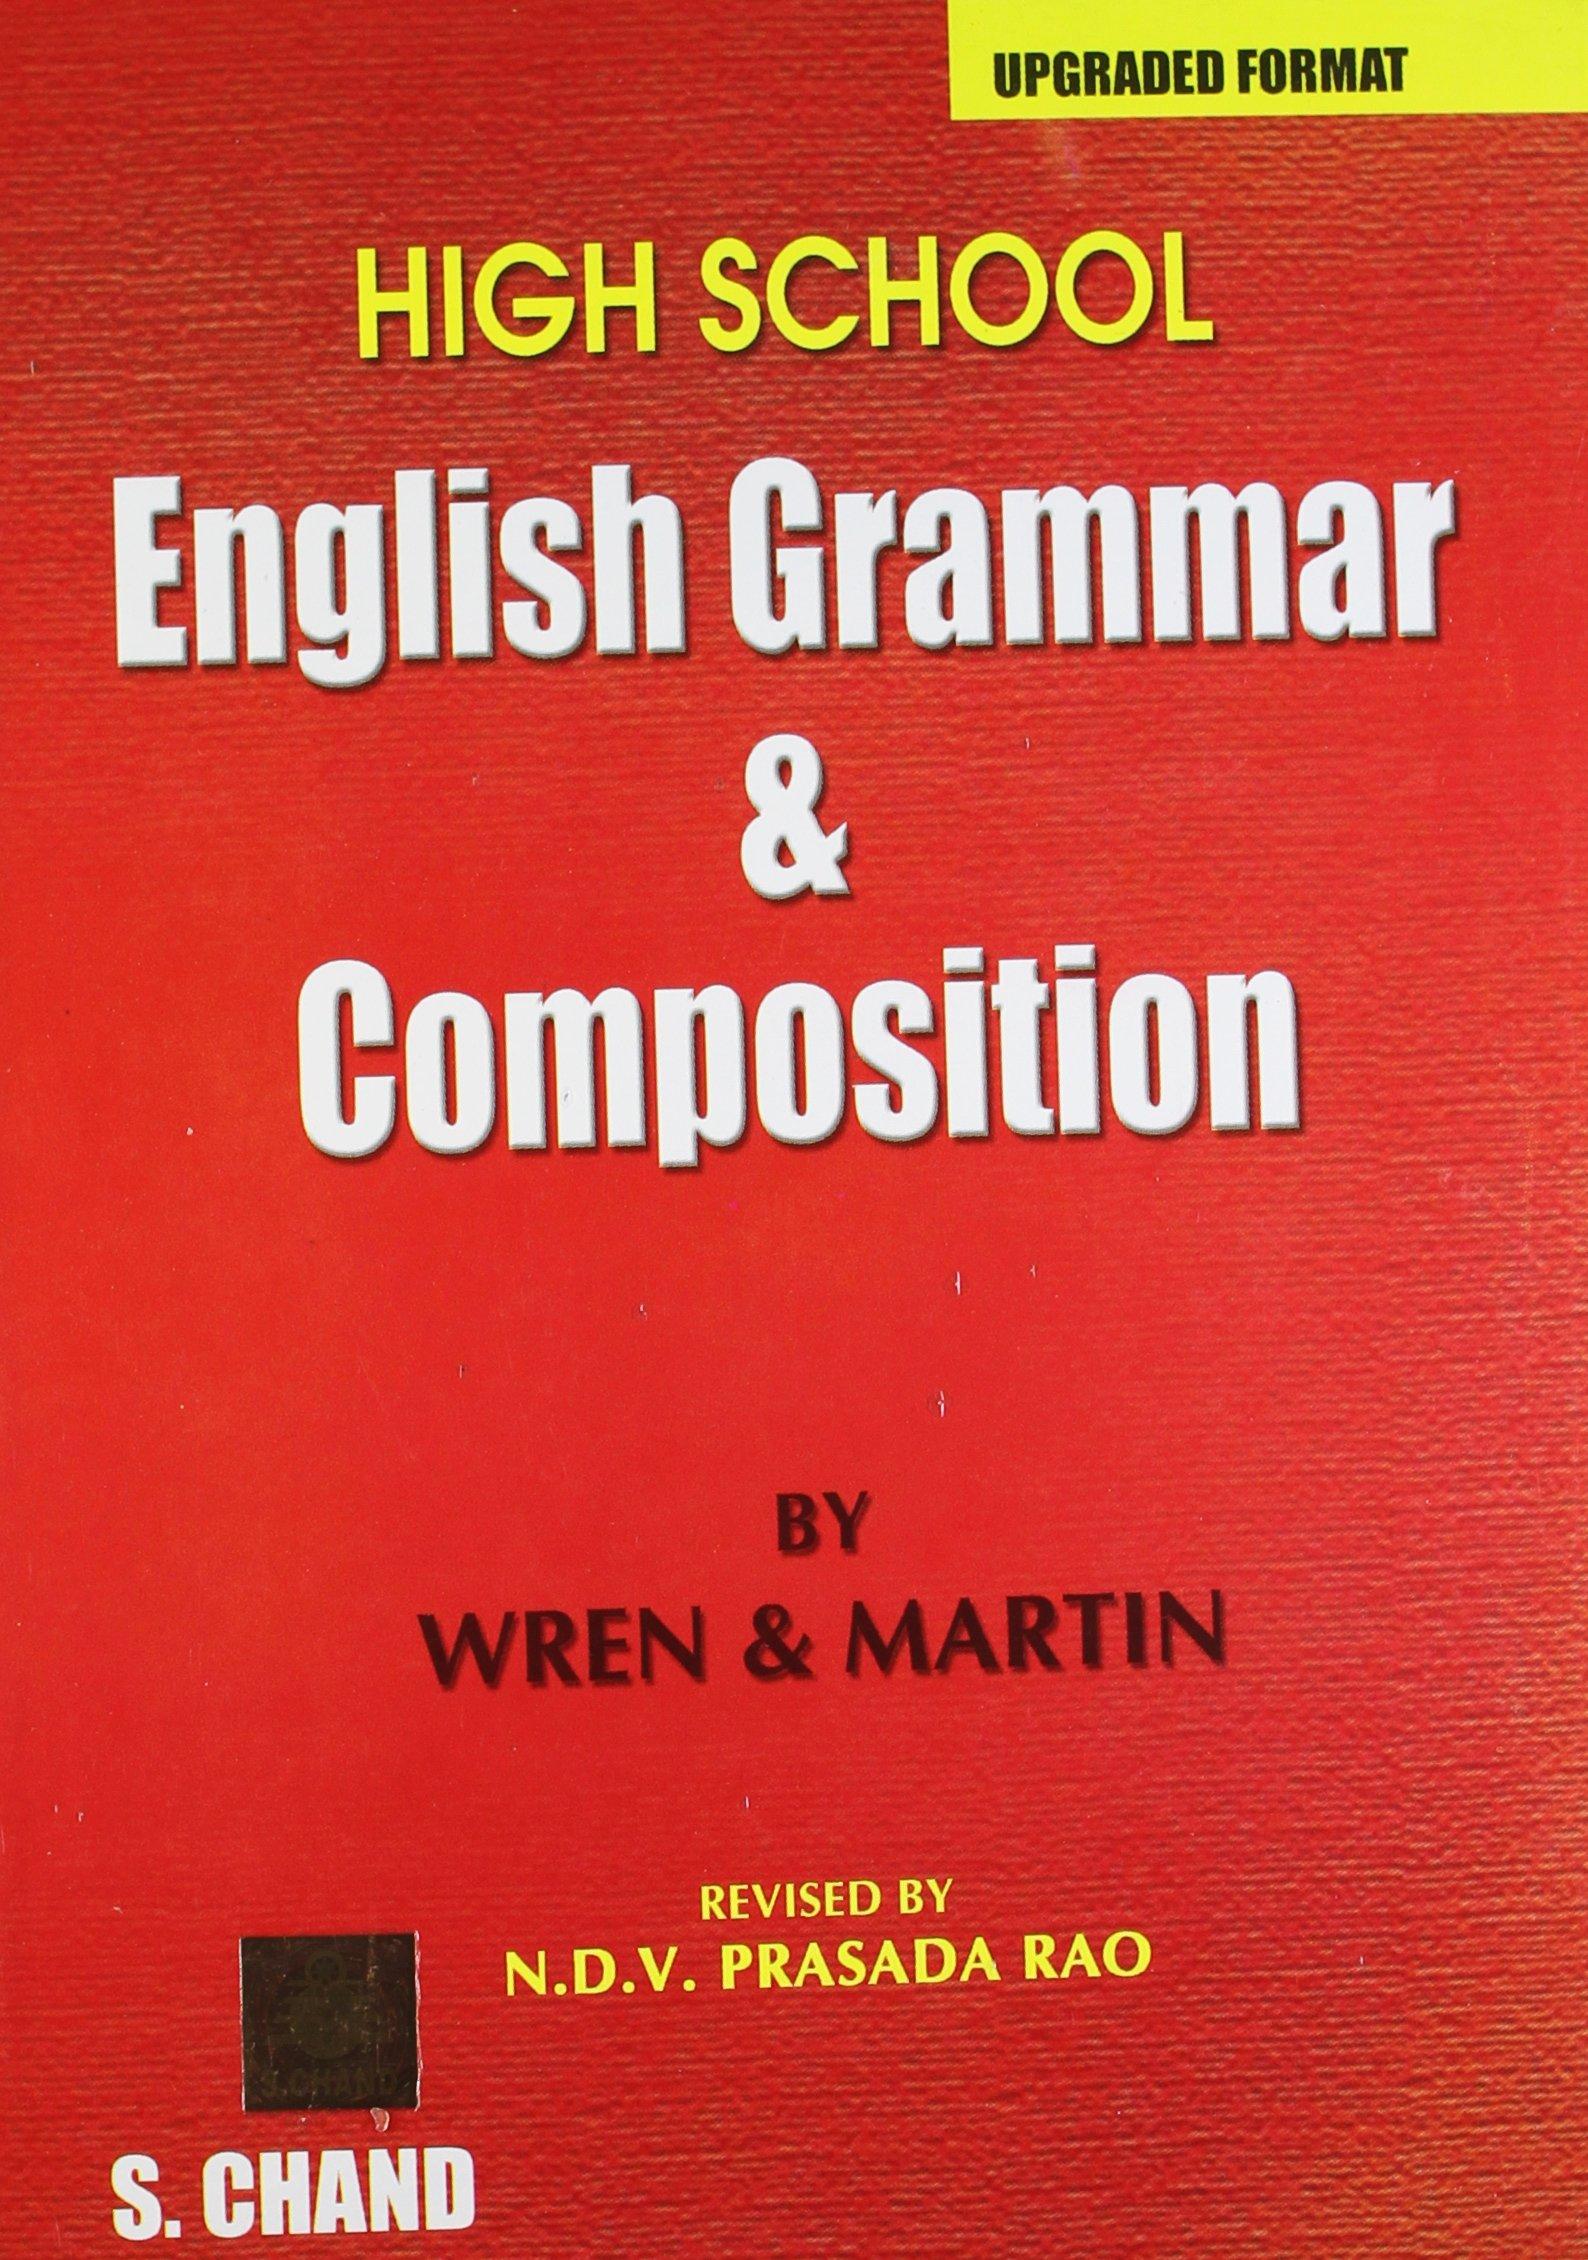 High School English Grammar & Composition pdf